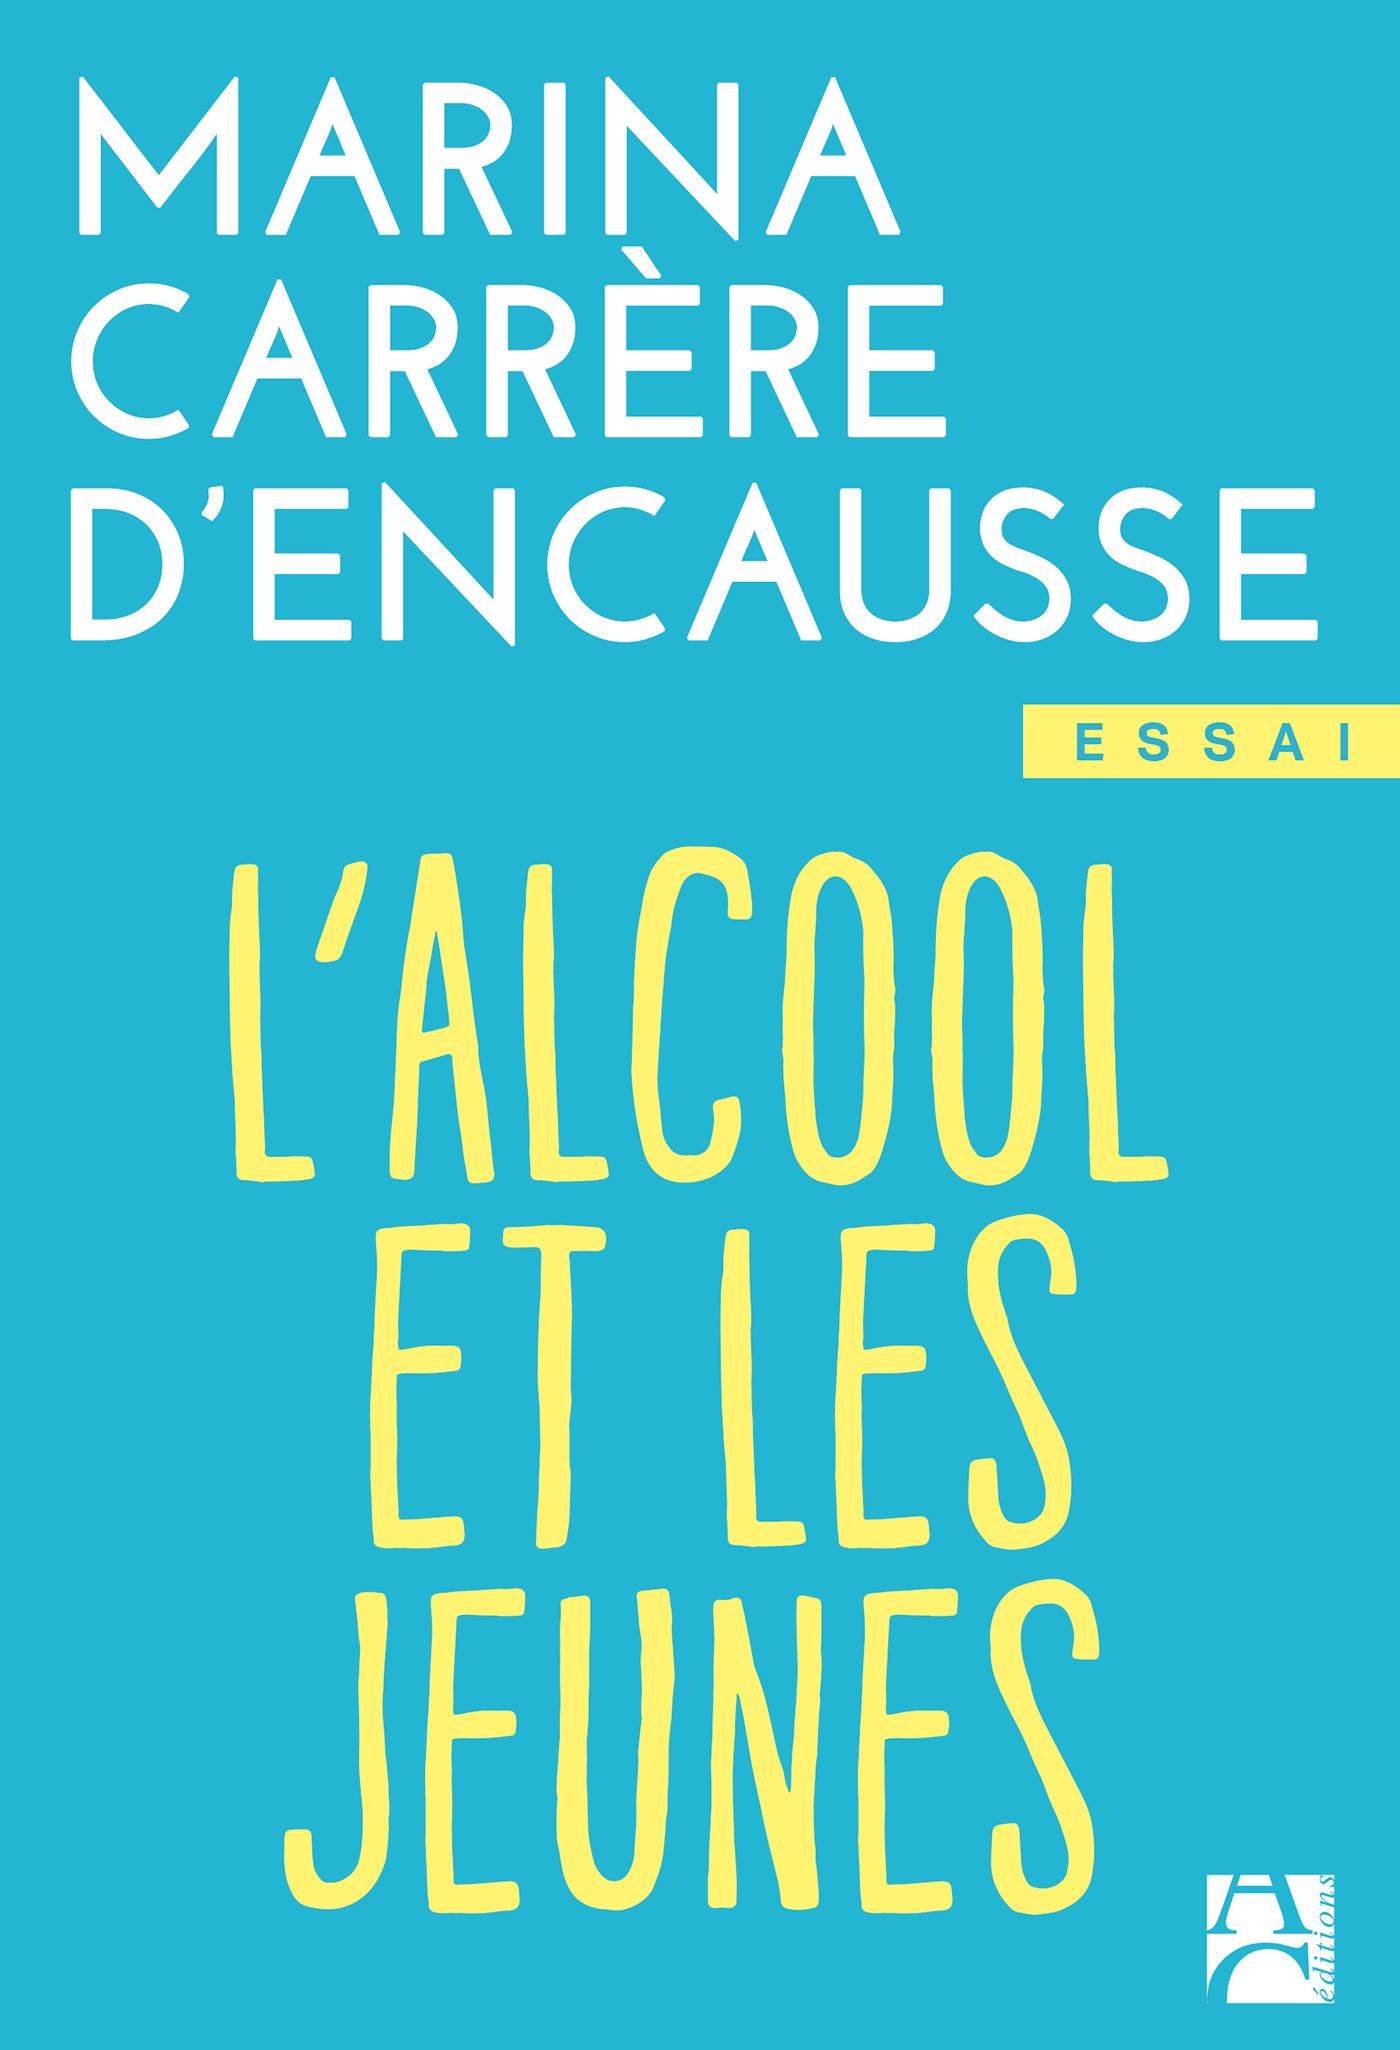 Vignette du livre Alcool: les jeunes trinquent - Marina Carrère d'Encausse